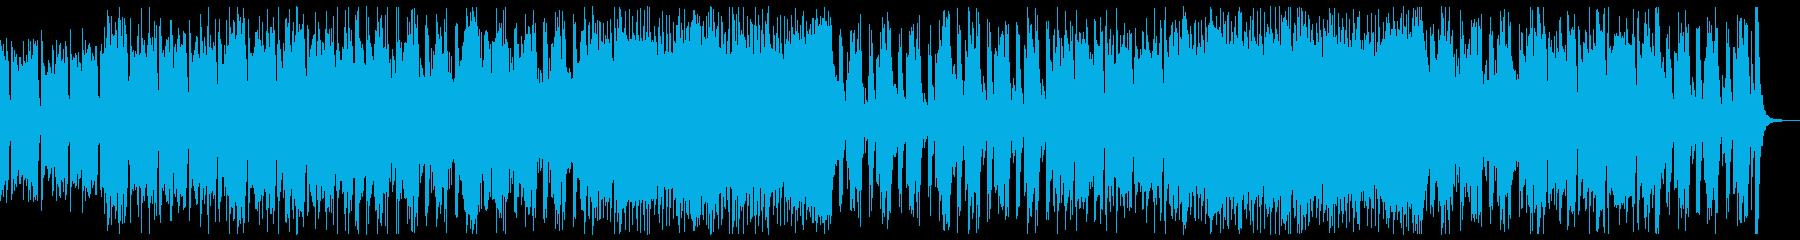 和楽器・和風・サムライヒーロー:尺八琴抜の再生済みの波形